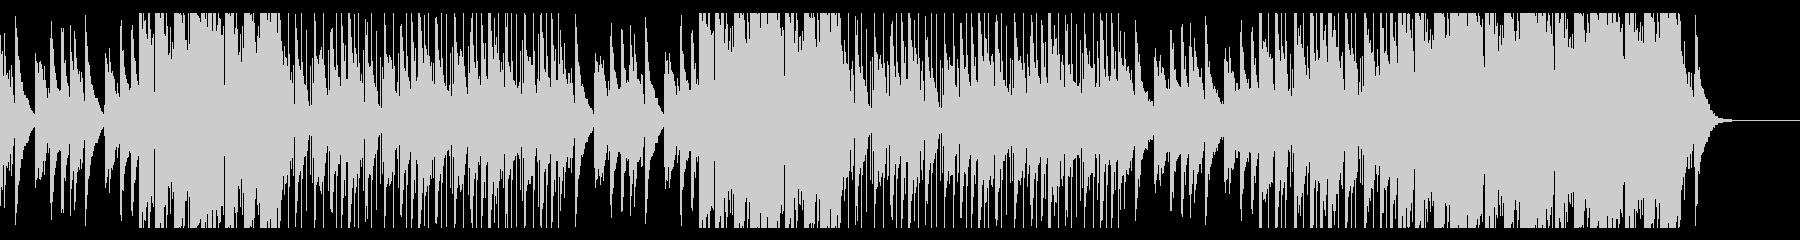 ピアノが印象的なCillBeatの未再生の波形